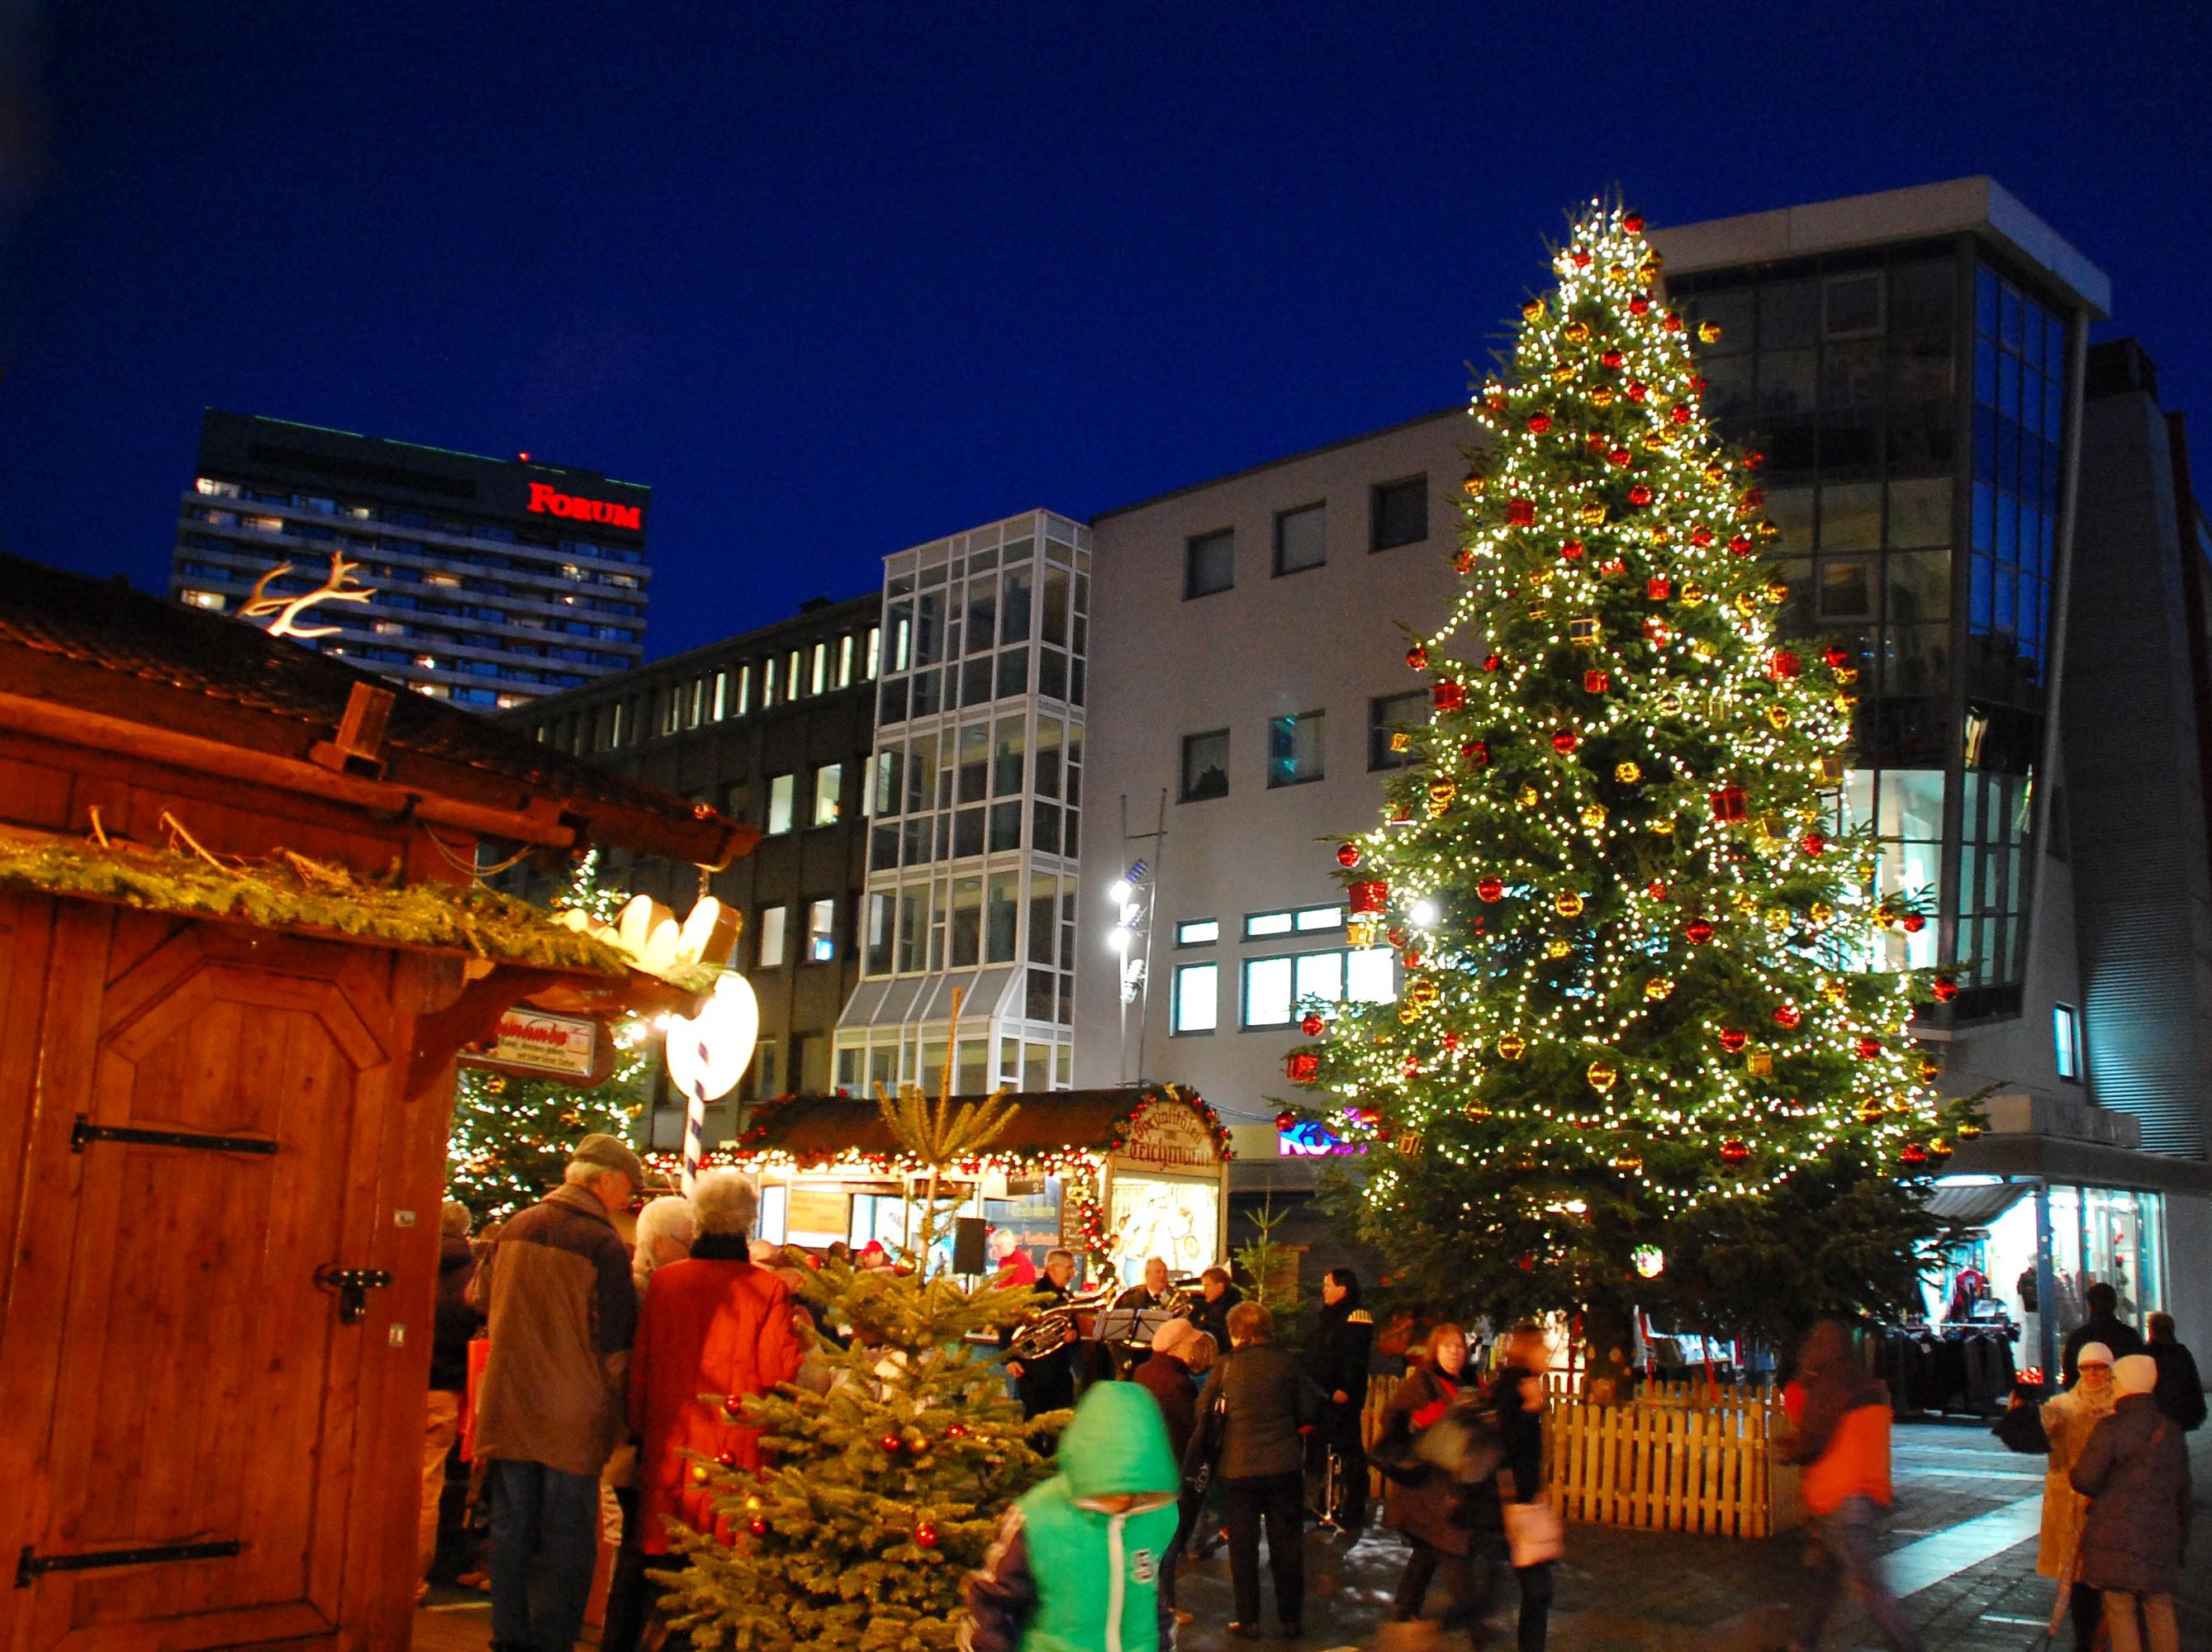 Der Weihnachts-Treff in Mülheim an der Ruhr